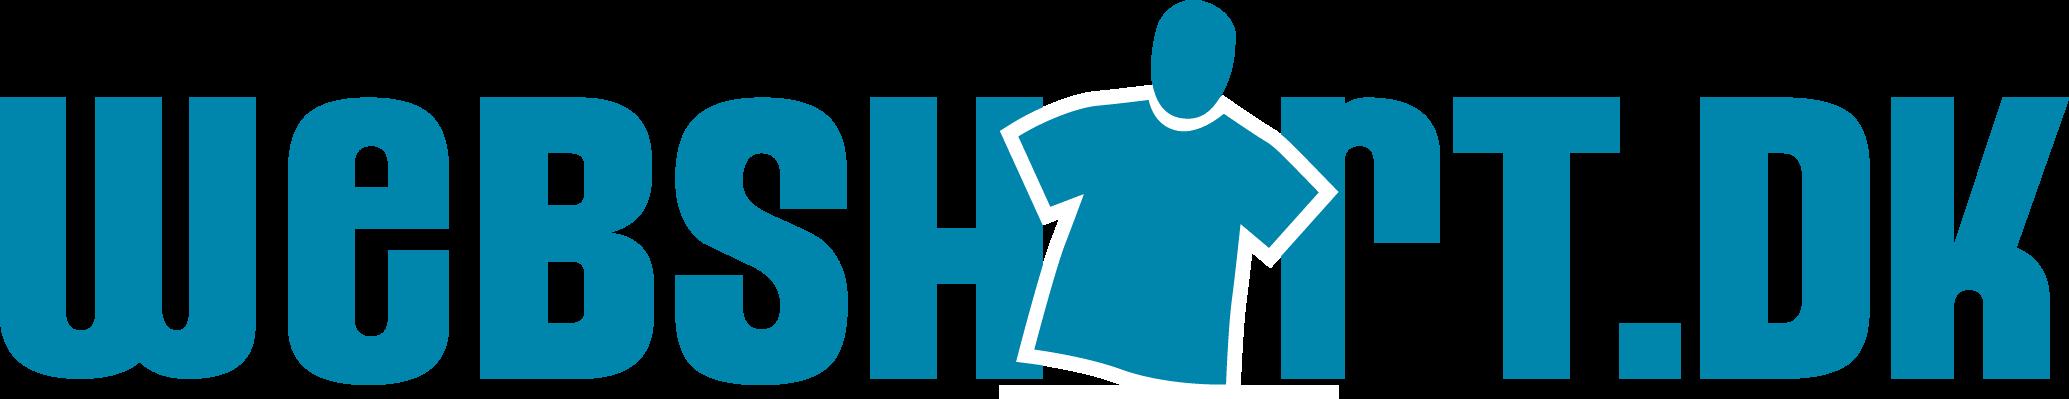 webshirt.dk